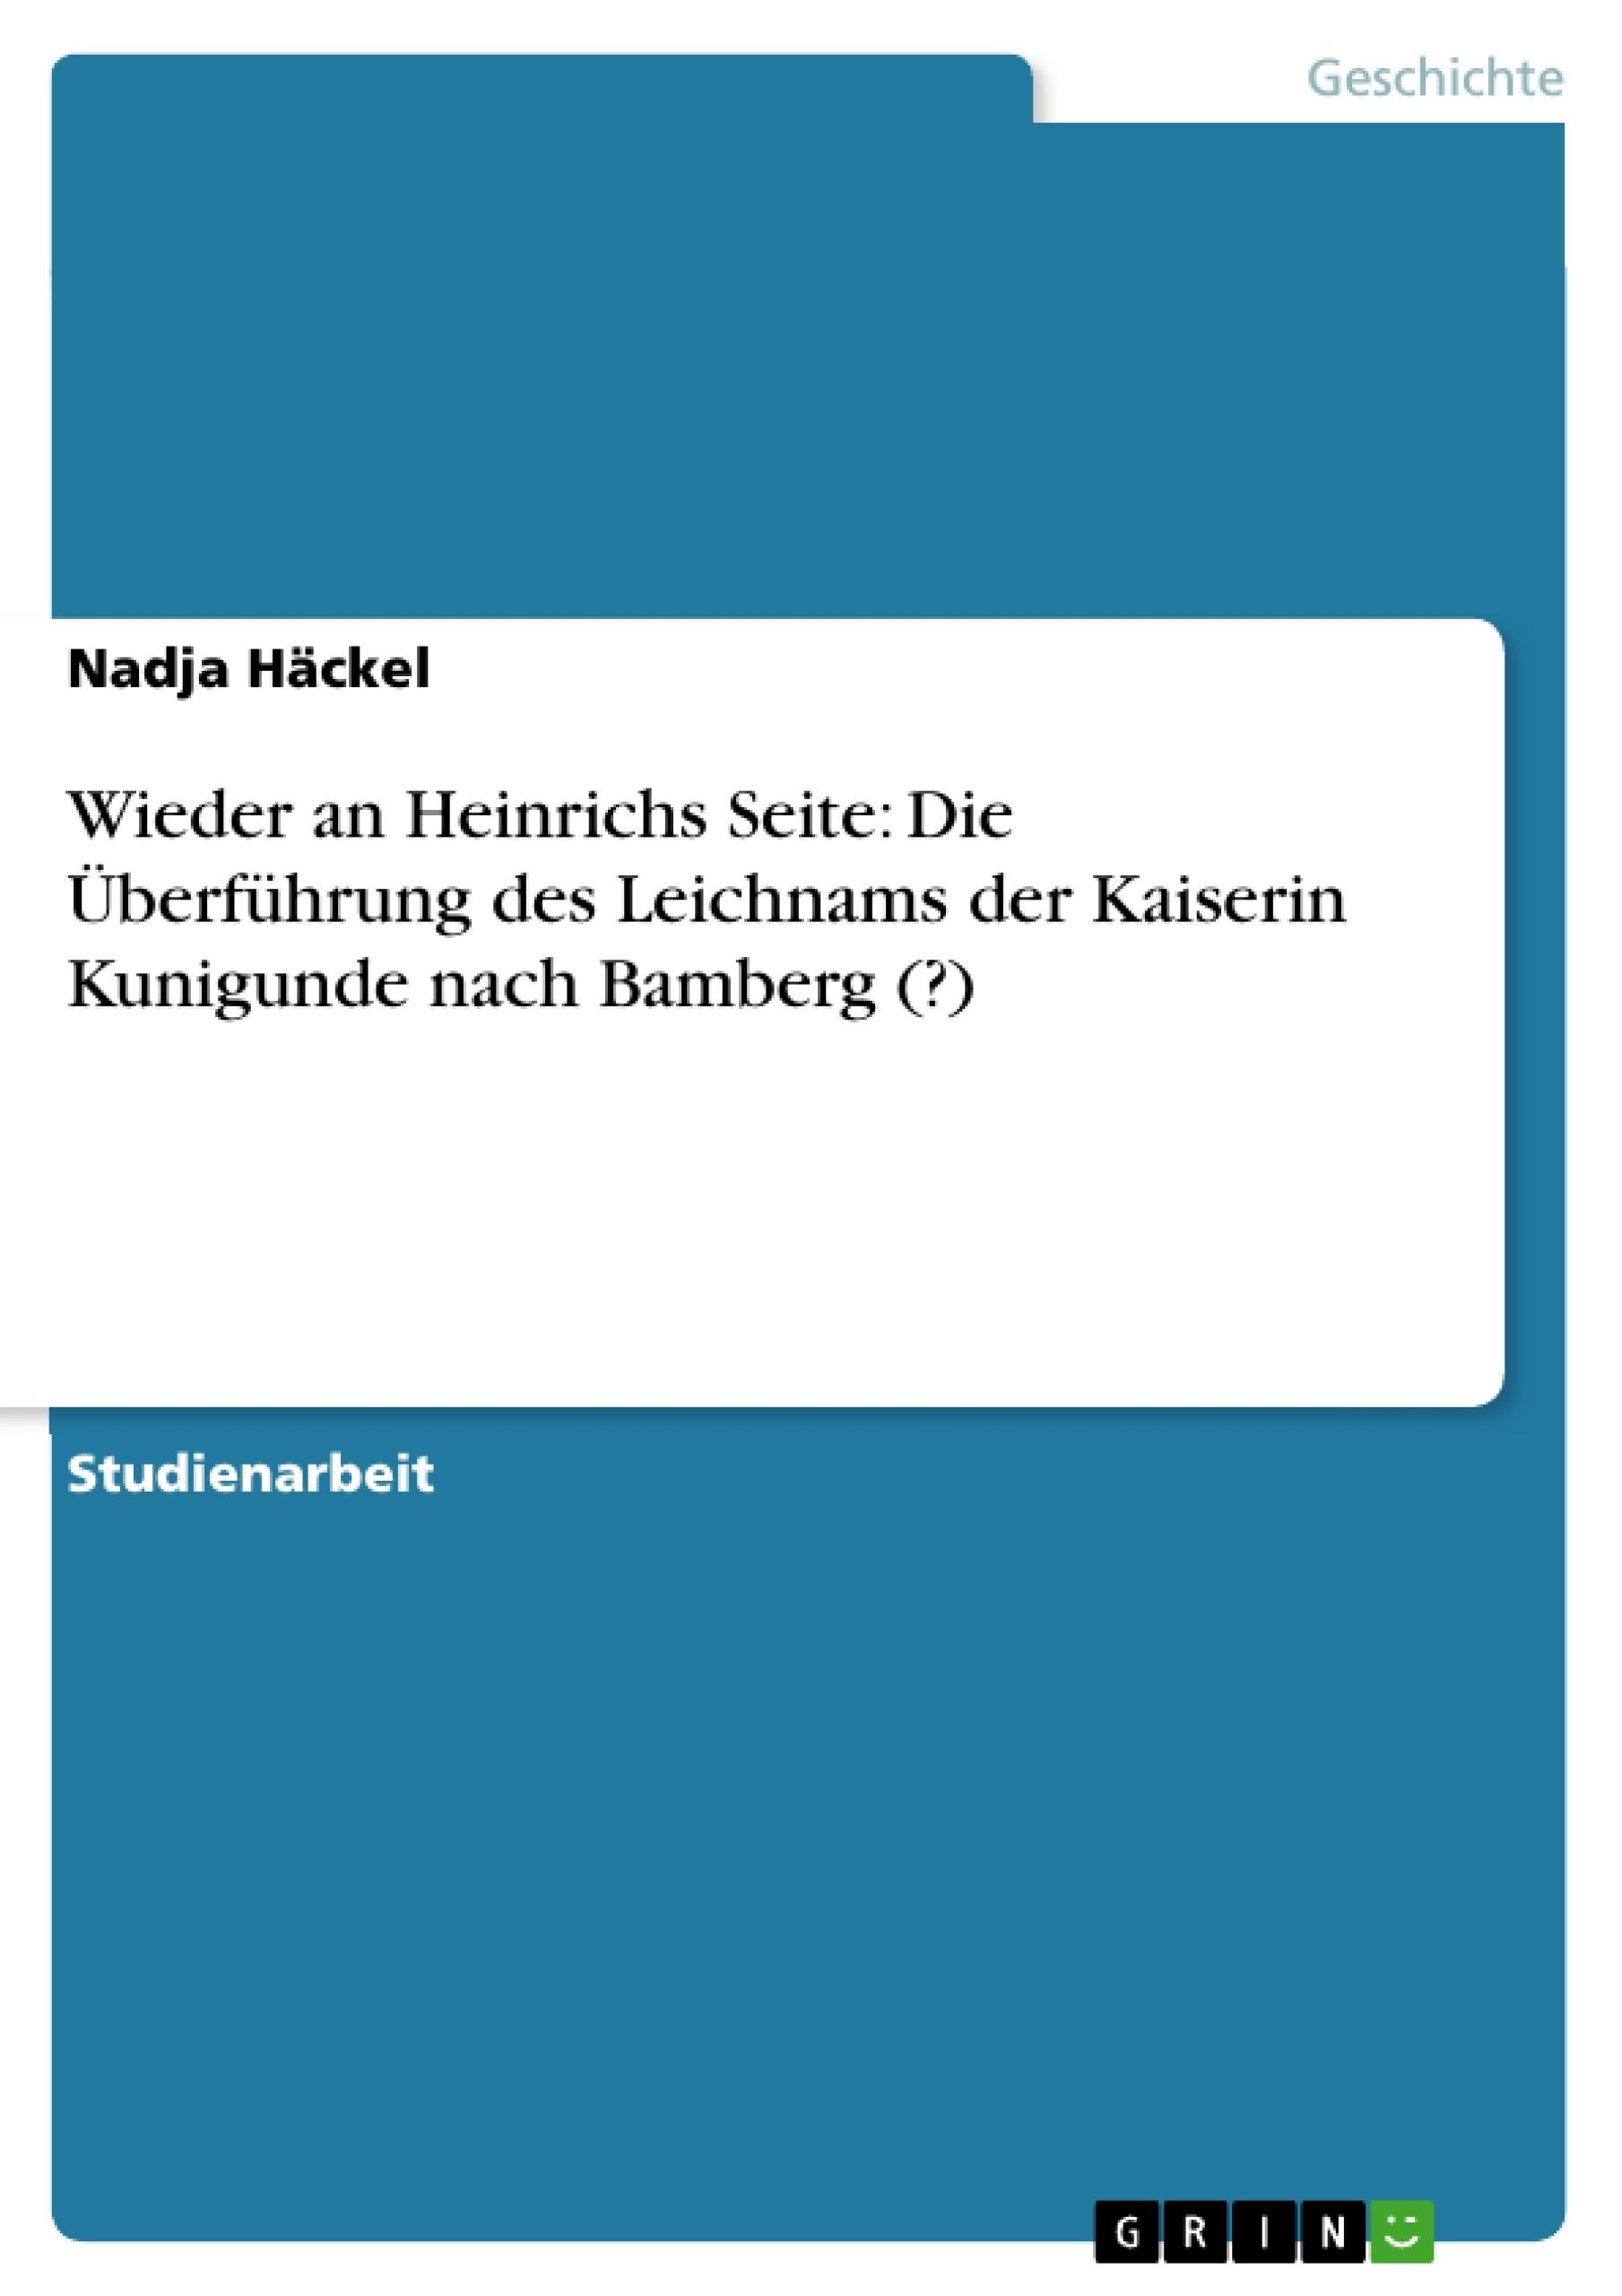 Titel: Wieder an Heinrichs Seite: Die Überführung des Leichnams der Kaiserin Kunigunde nach Bamberg (?)